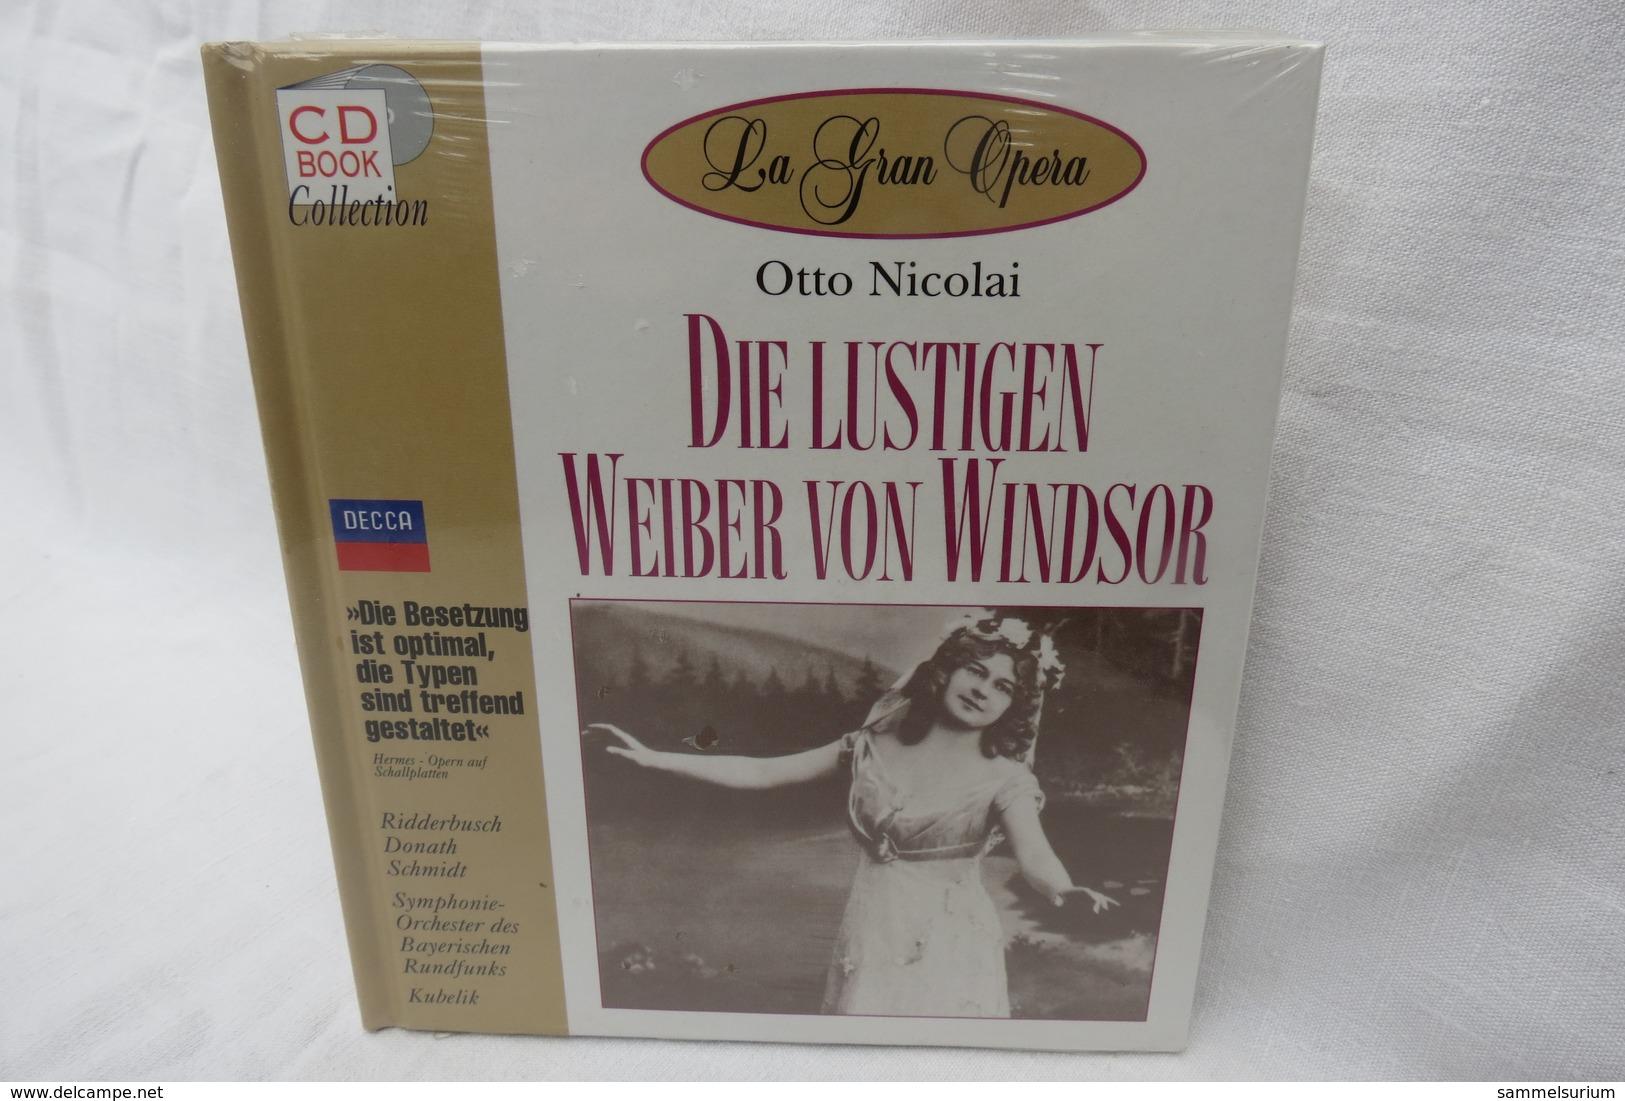 """CD """"Die Lustigen Weiber V.Windsor/Otto Nicolai"""" Mit Buch Aus Der CD Book Collection (ungeöffnet, Original Eingeschweißt) - Oper & Operette"""